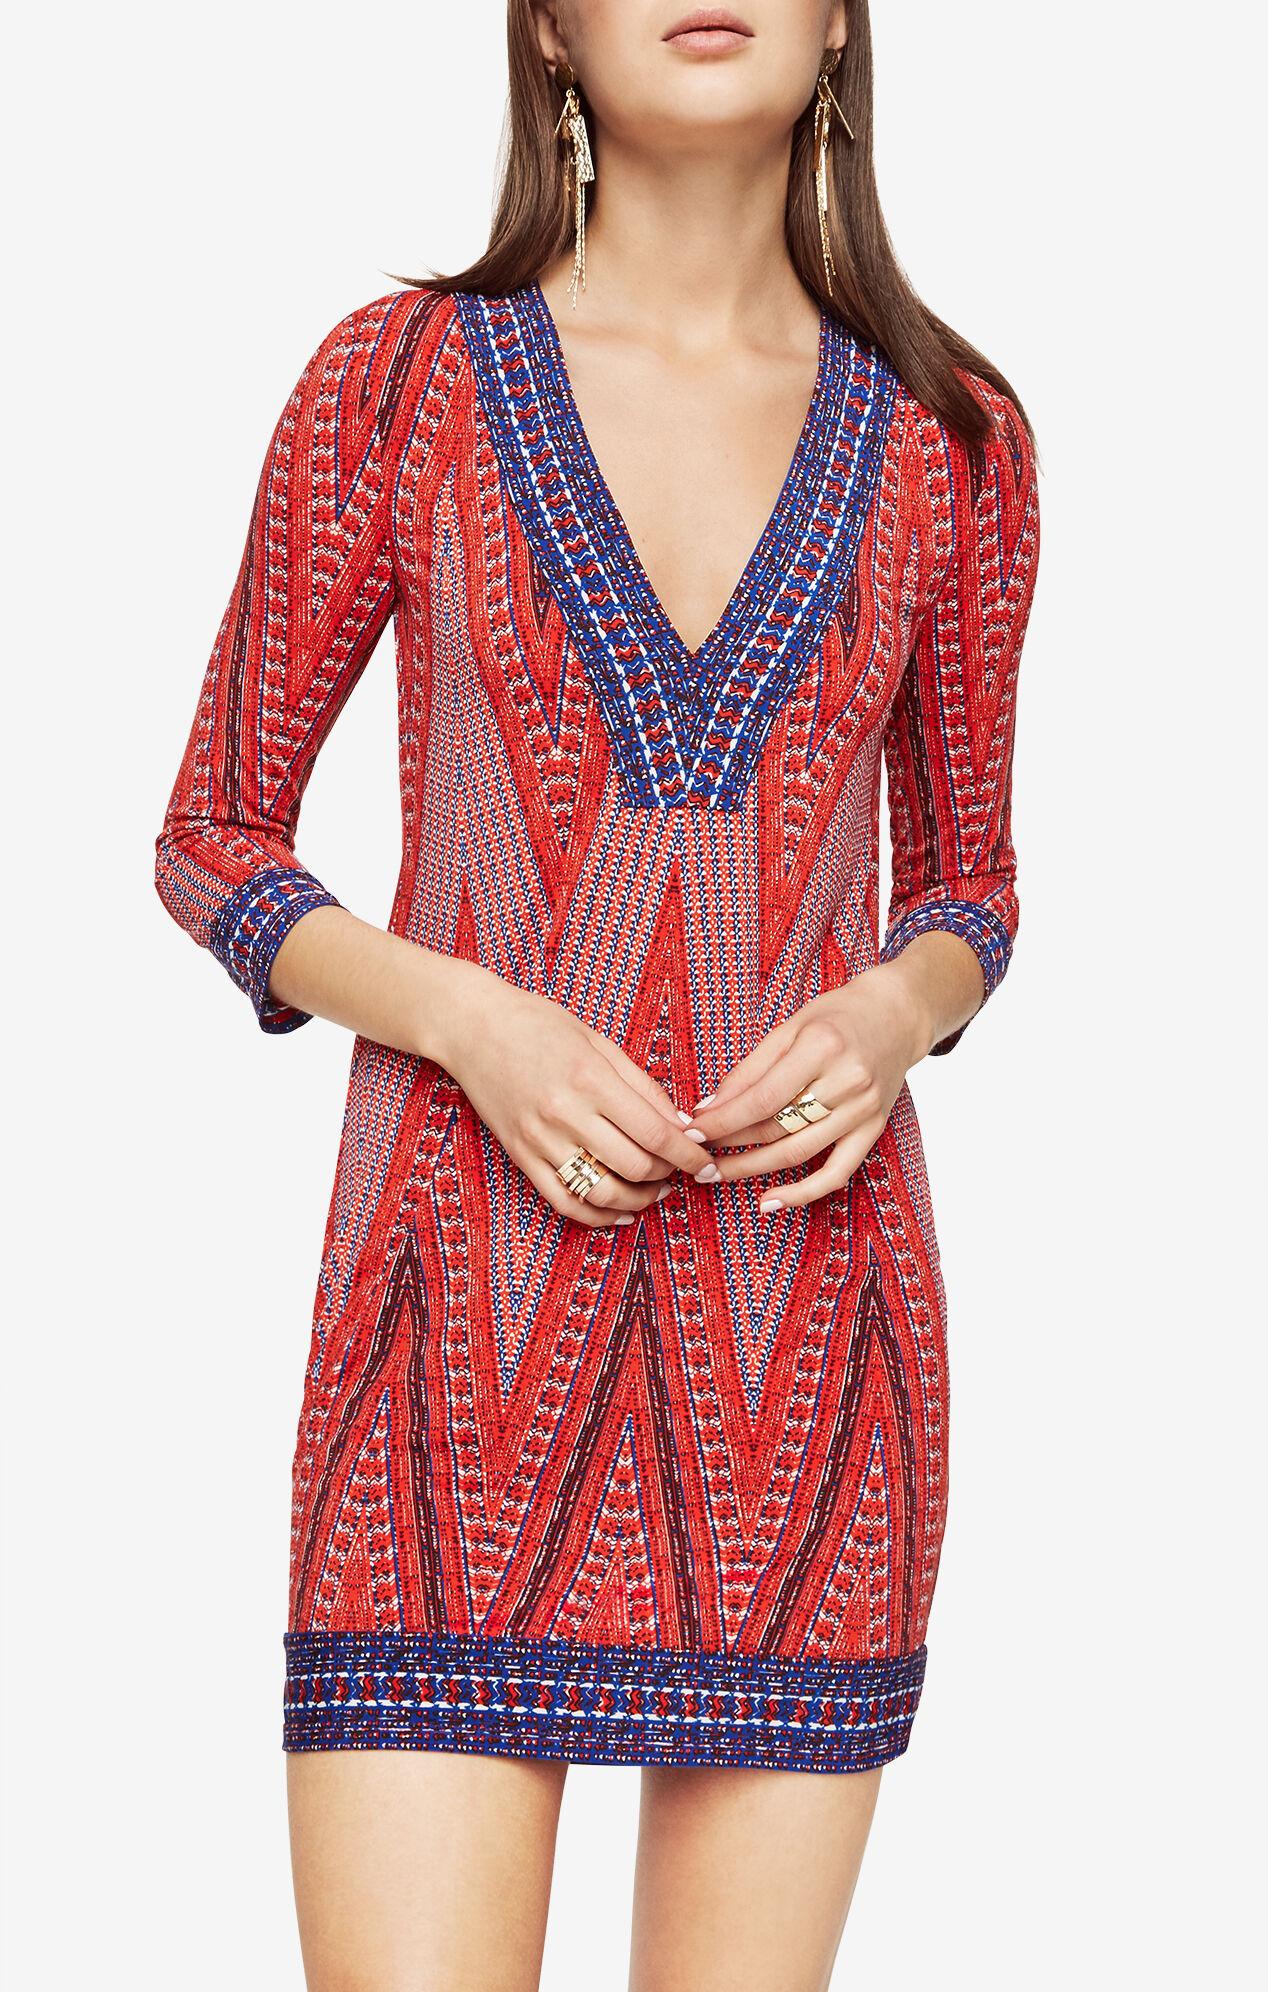 Belle Chevron Print Dress